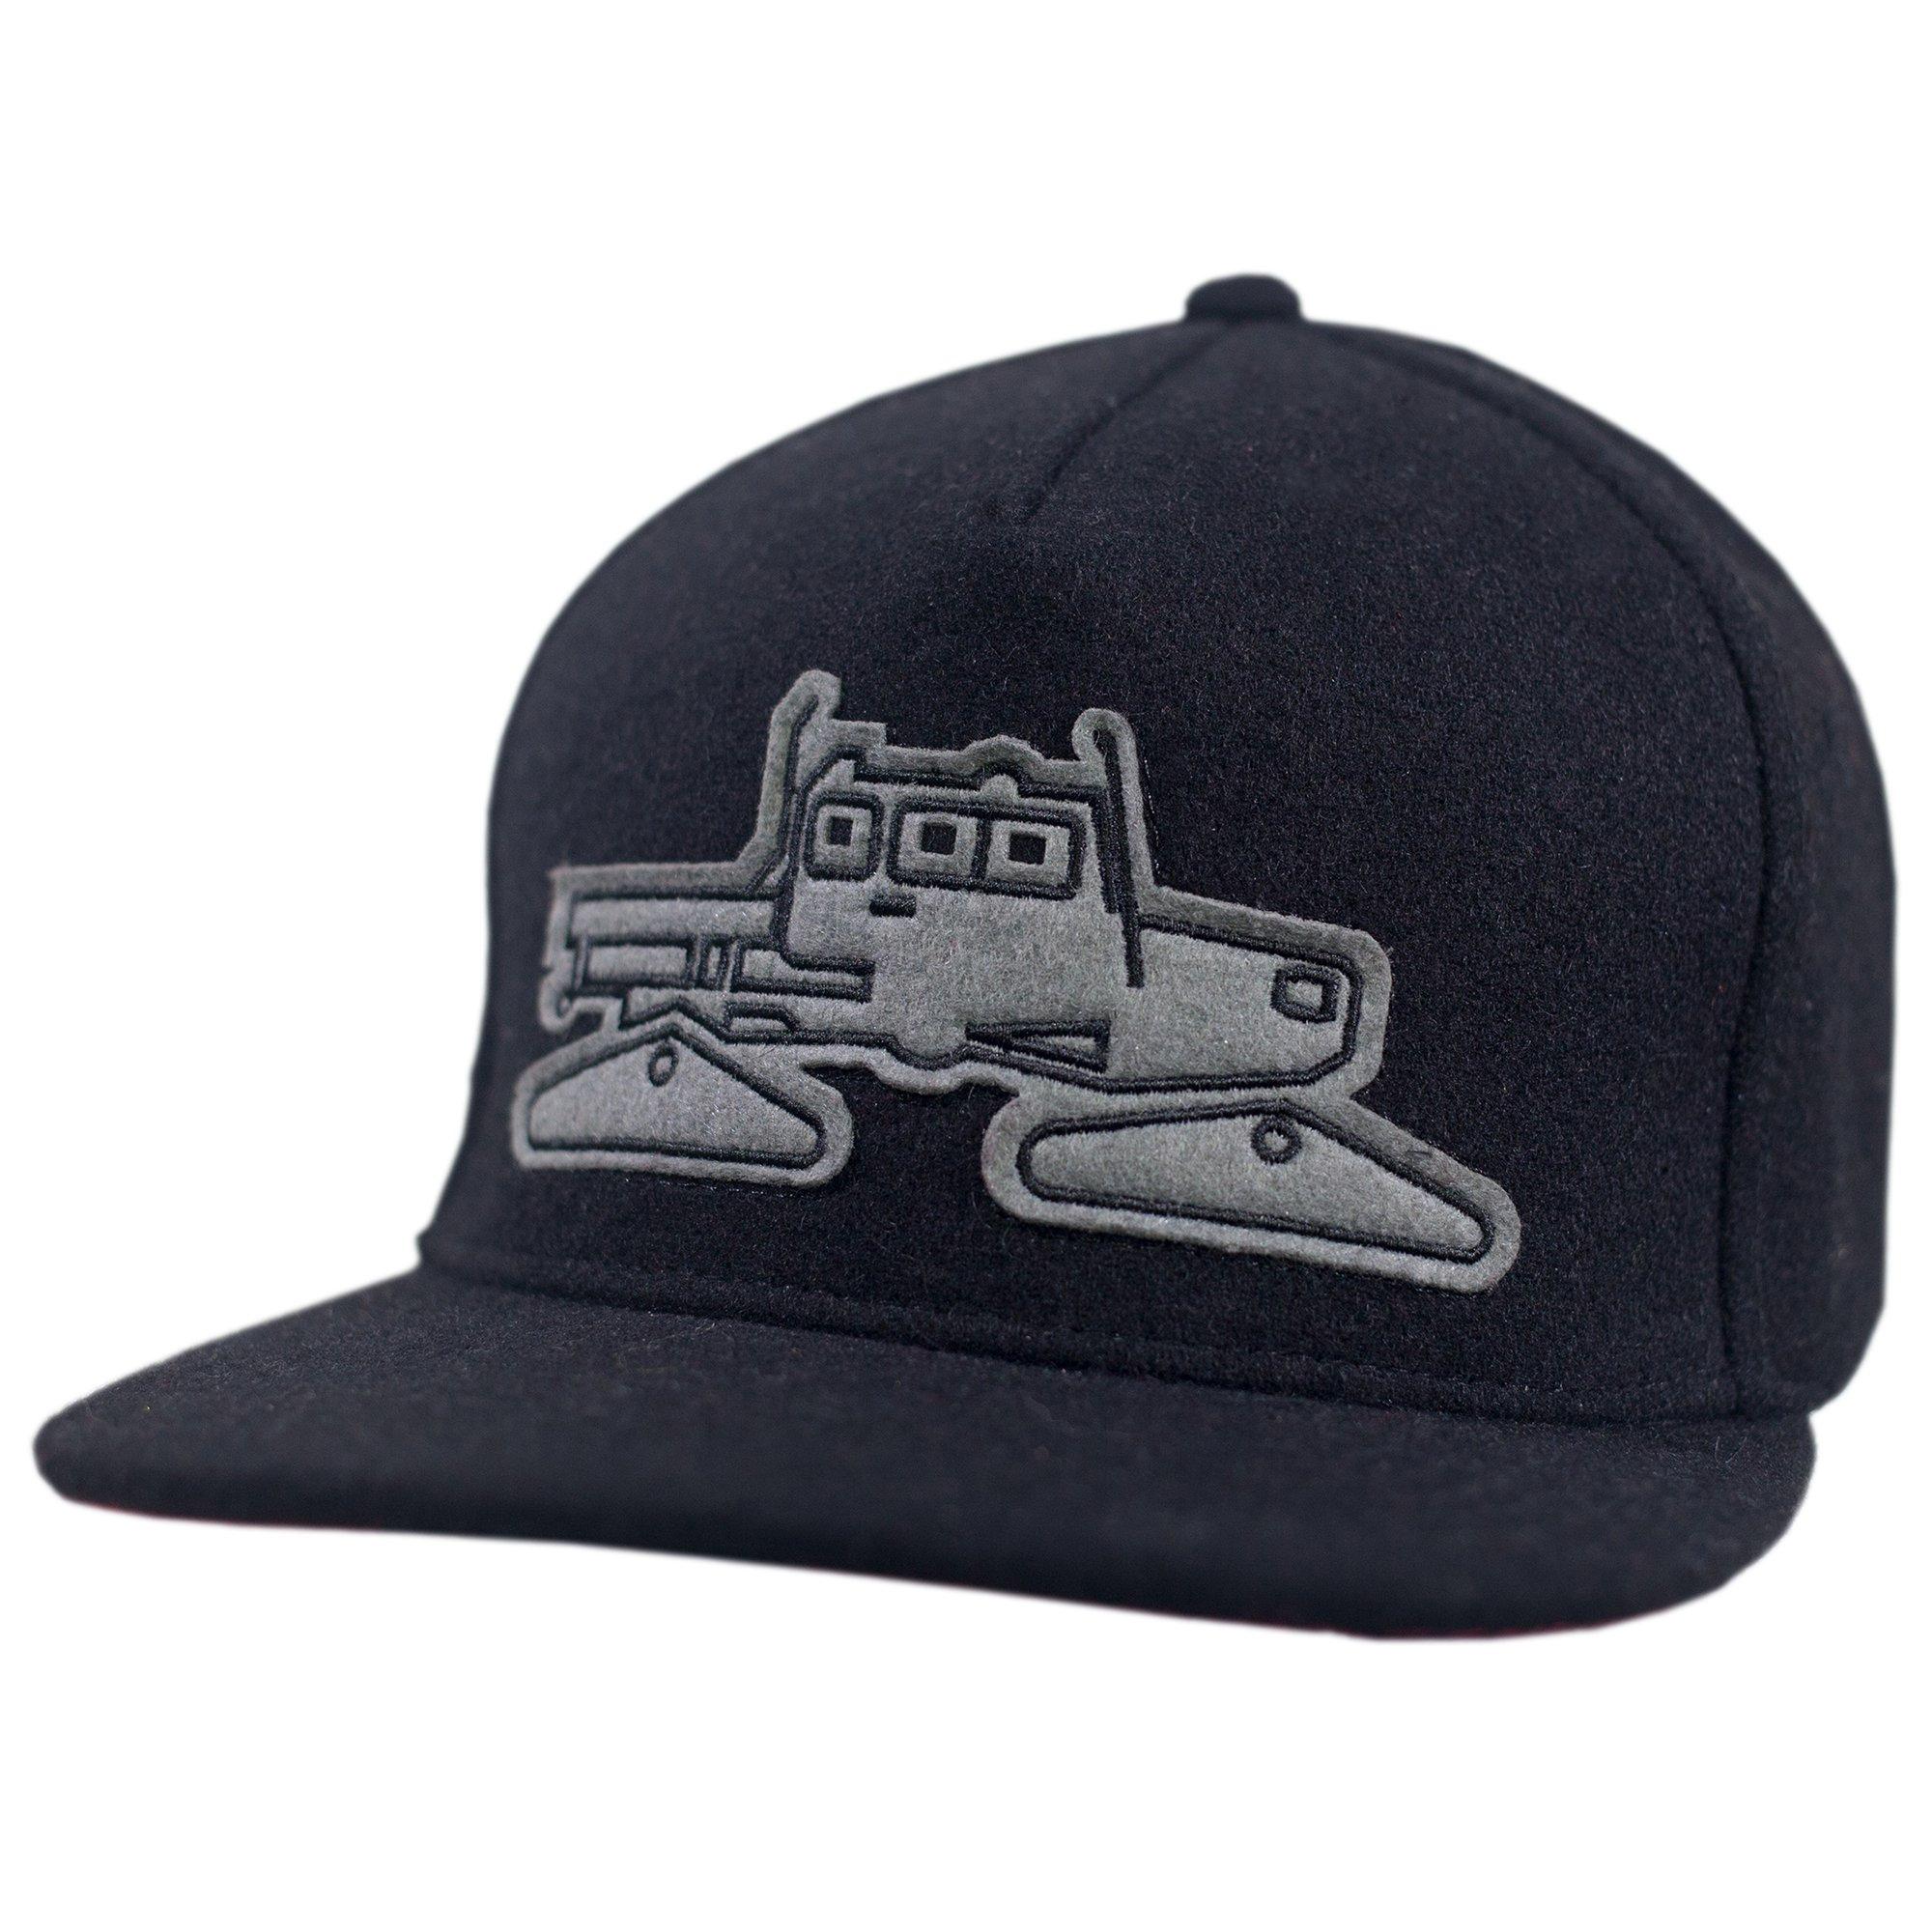 spacecraft hats - photo #28